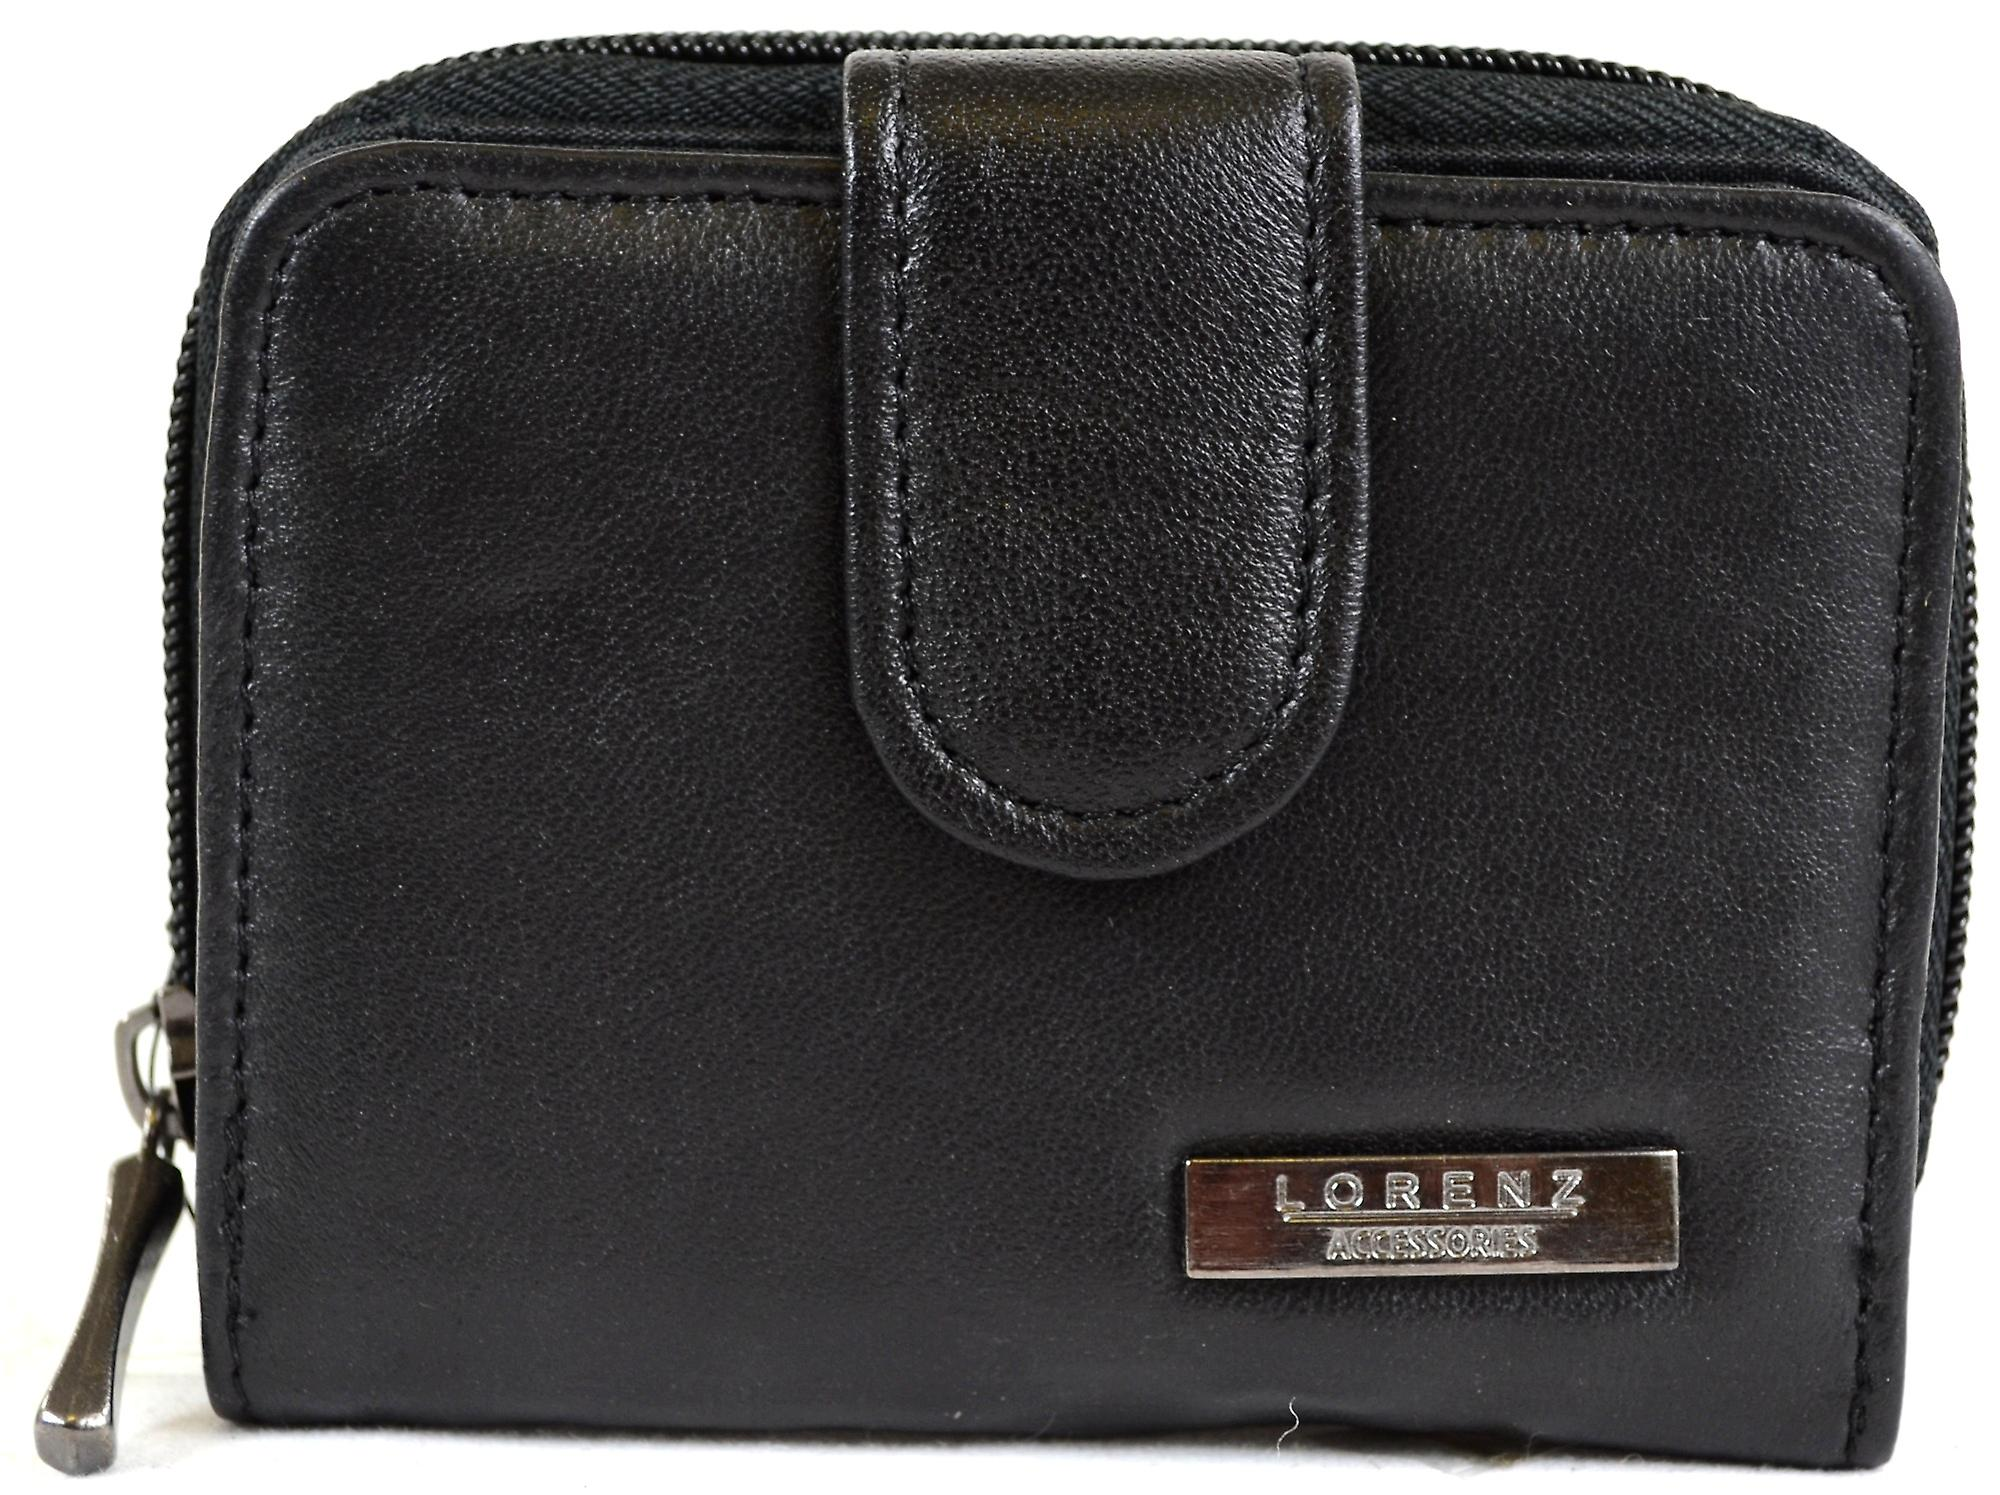 Damen Super weiches Nappa Leder Bi-Fold Geldbörse mit Reißverschluss Runde Tasche